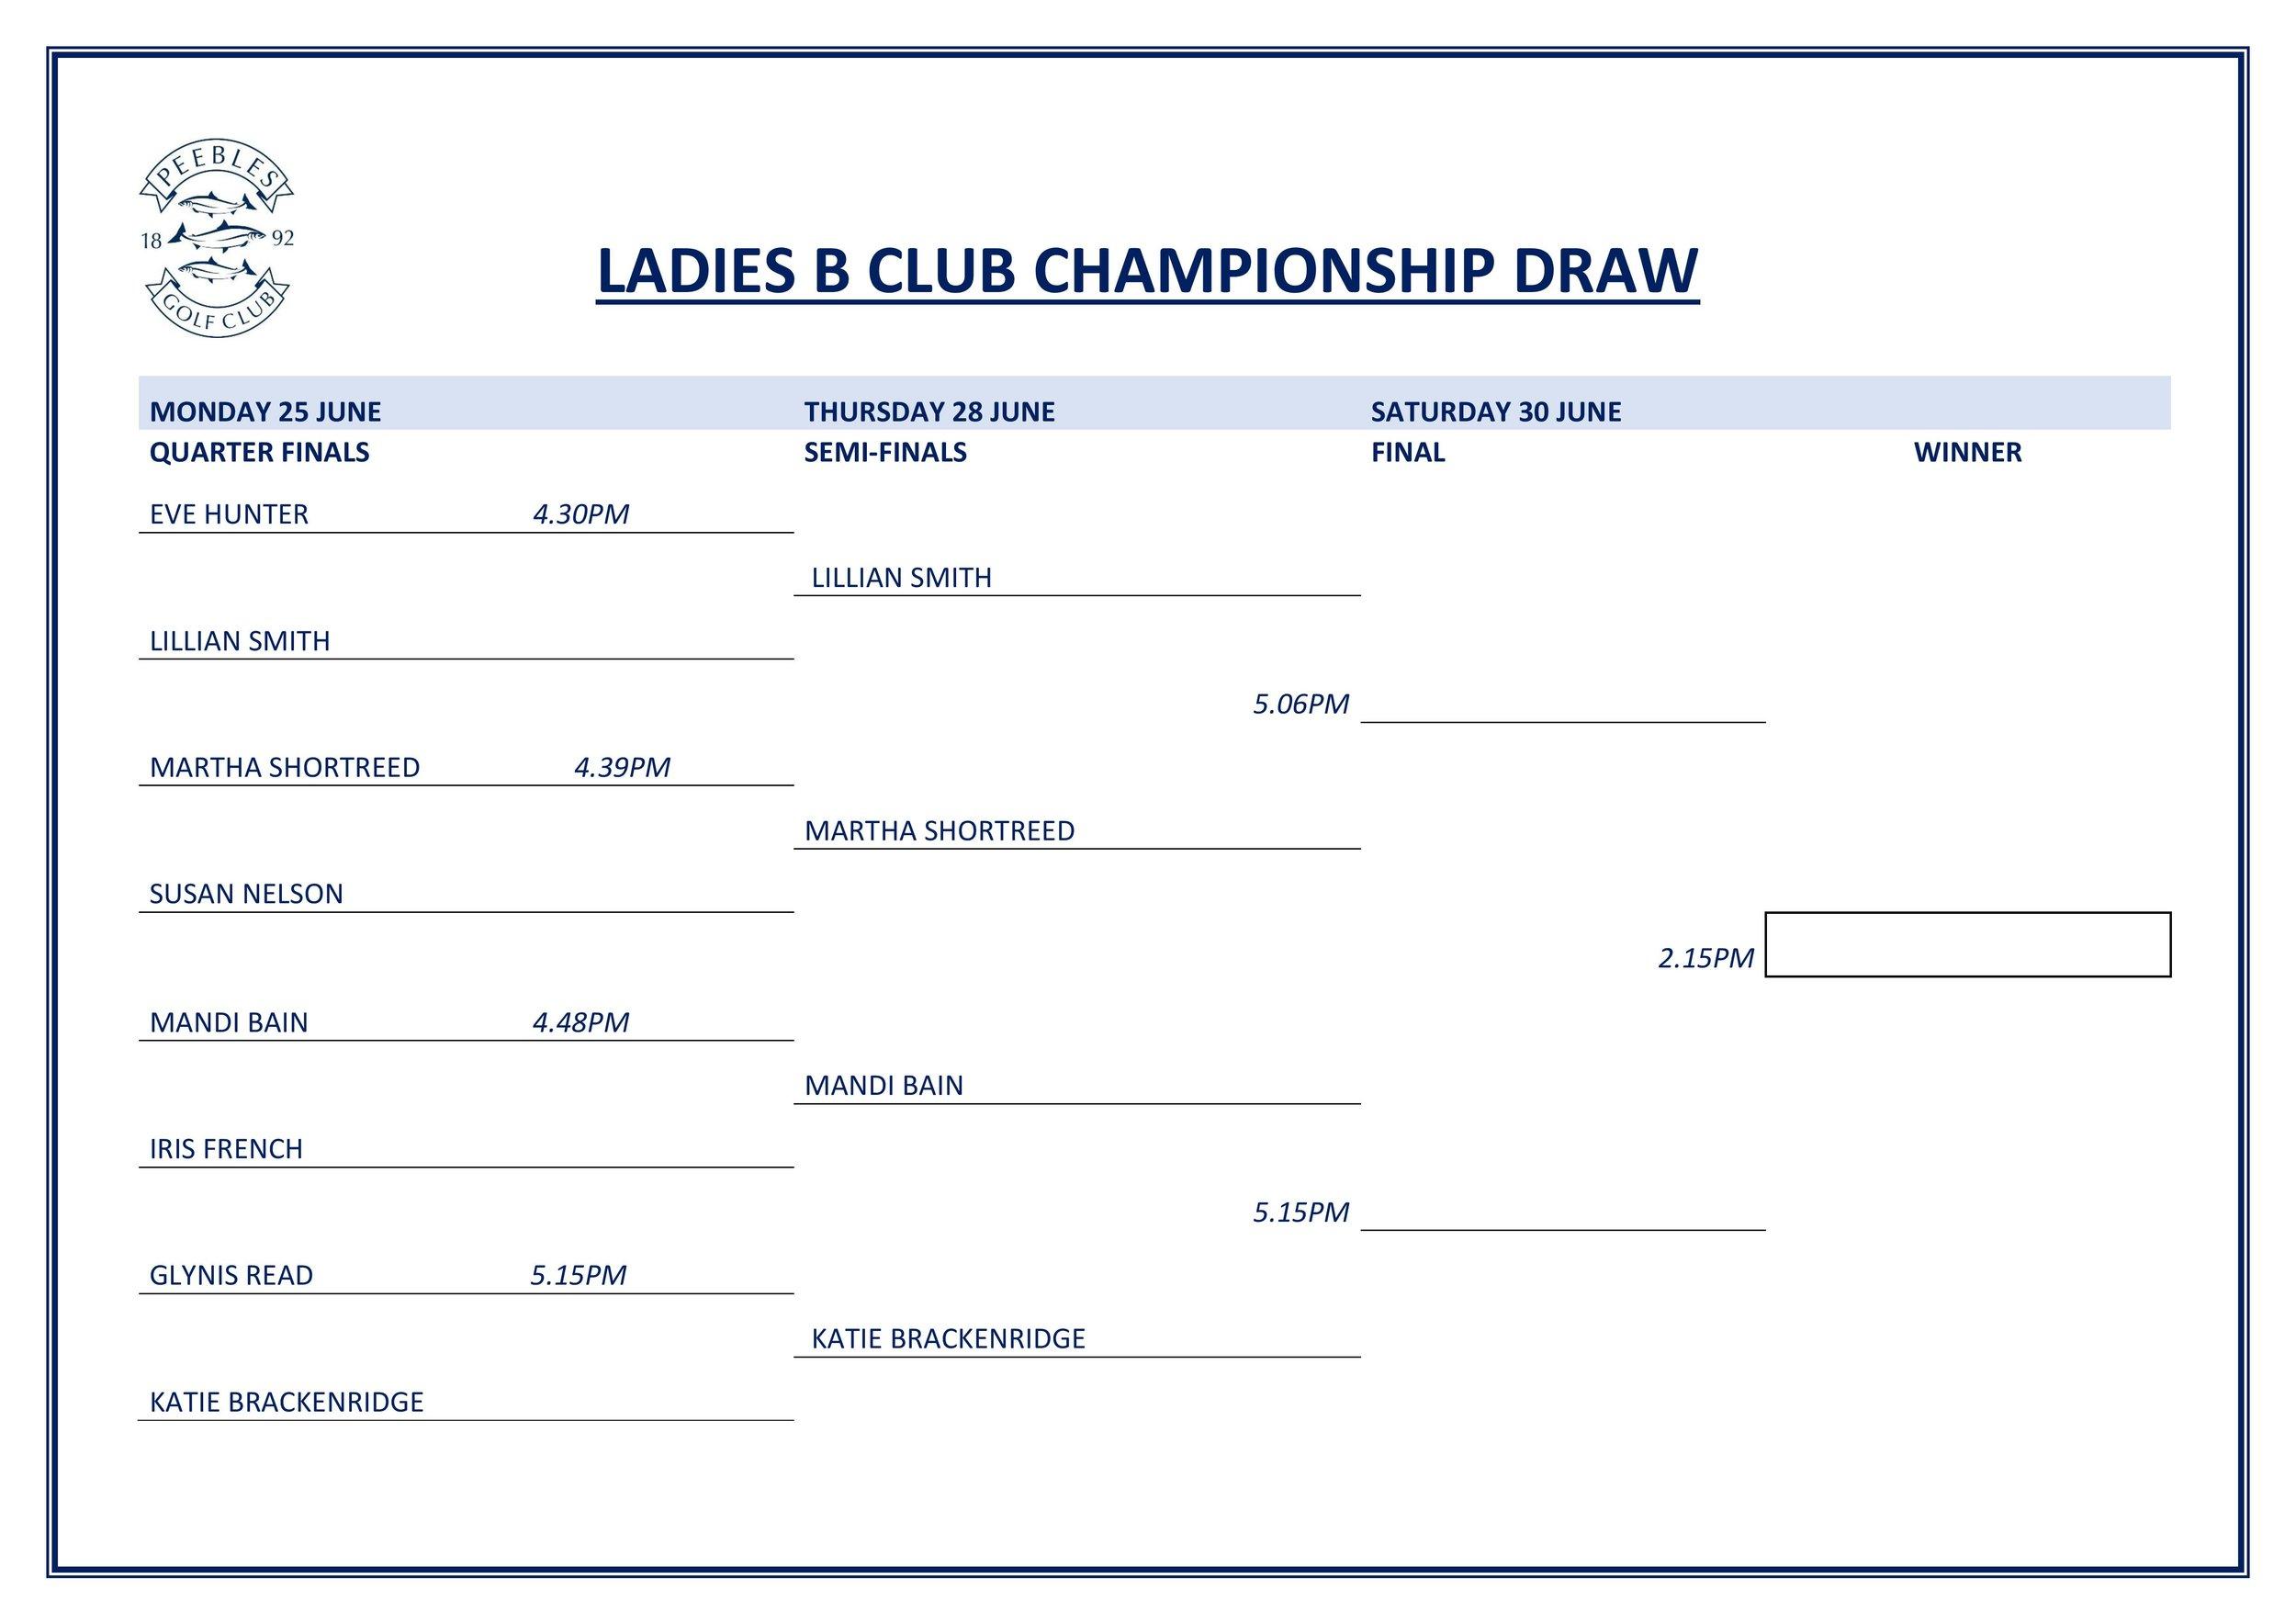 CLUB CHAMPIONSHIP DRAW LADIES B-page-001.jpg